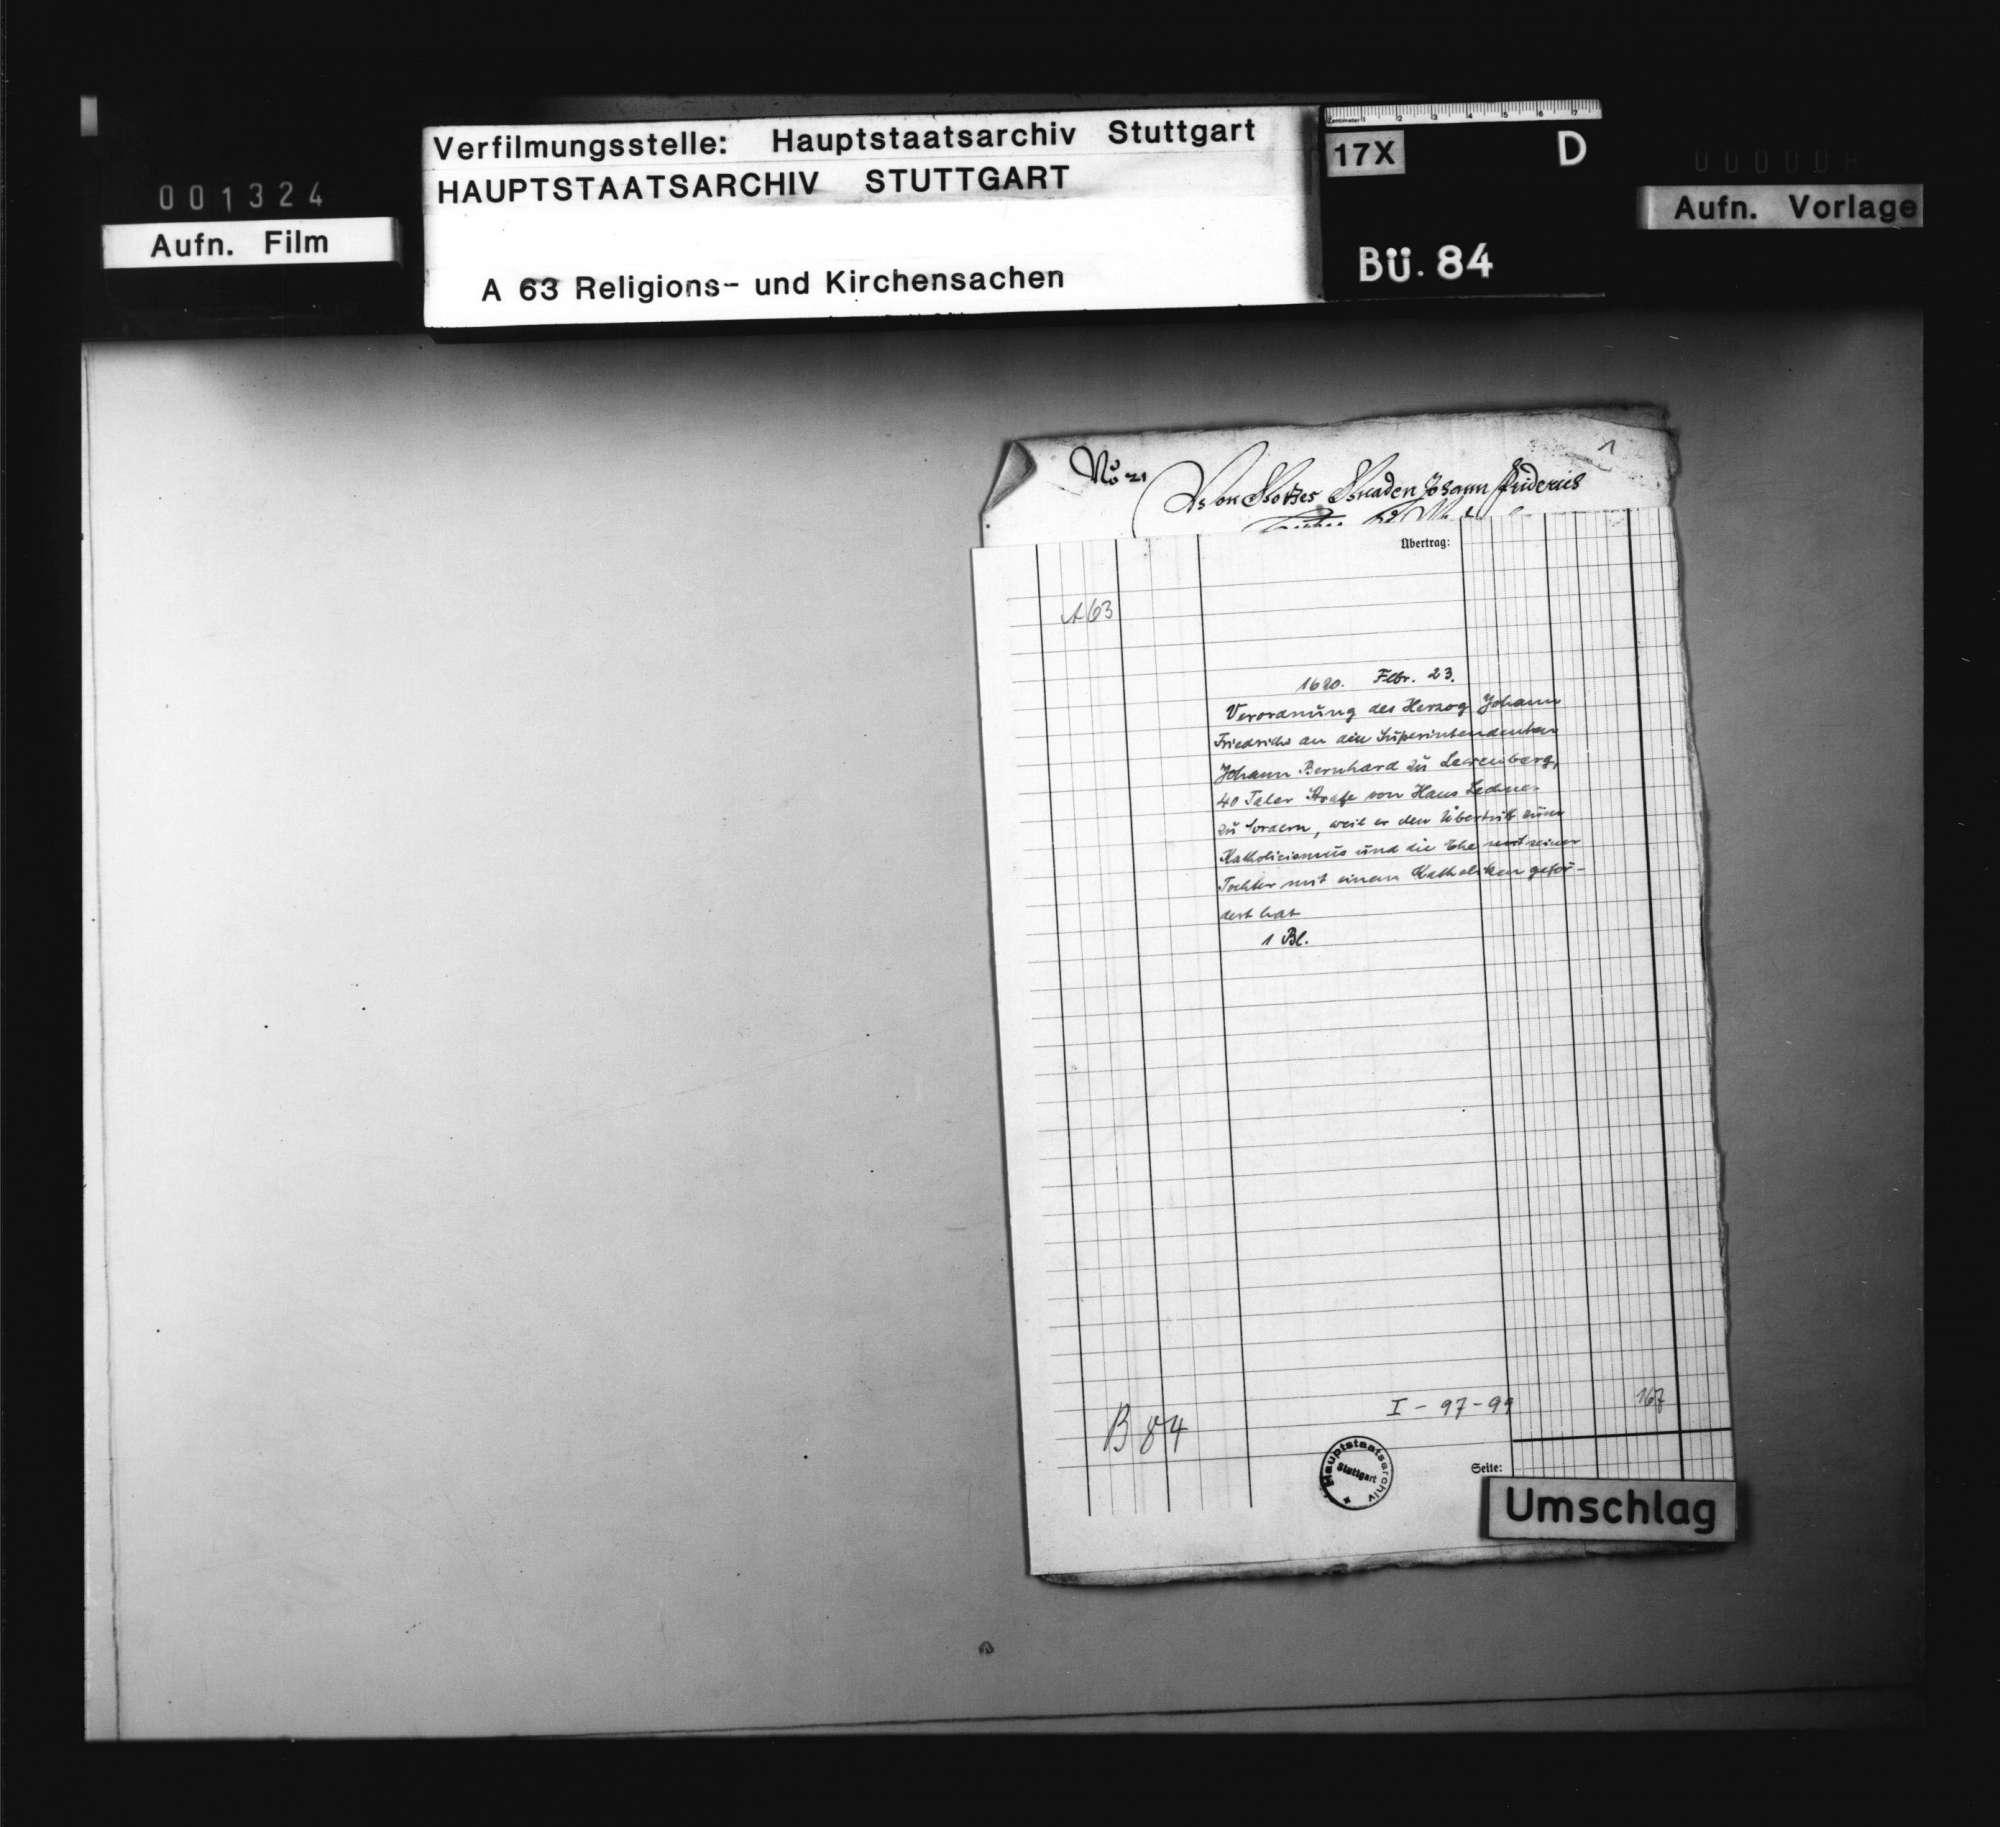 Verordnung des Herzog Johann Friedrich an den Superintendenten Johann Bernhard zu Lewenberg, 40 Taler Strafe von Hans Lechner zu fordern, weil er den Übertritt zum Katholismus und die Ehe seiner Tochter mit einem Katholiken gefördert hat., Bild 1